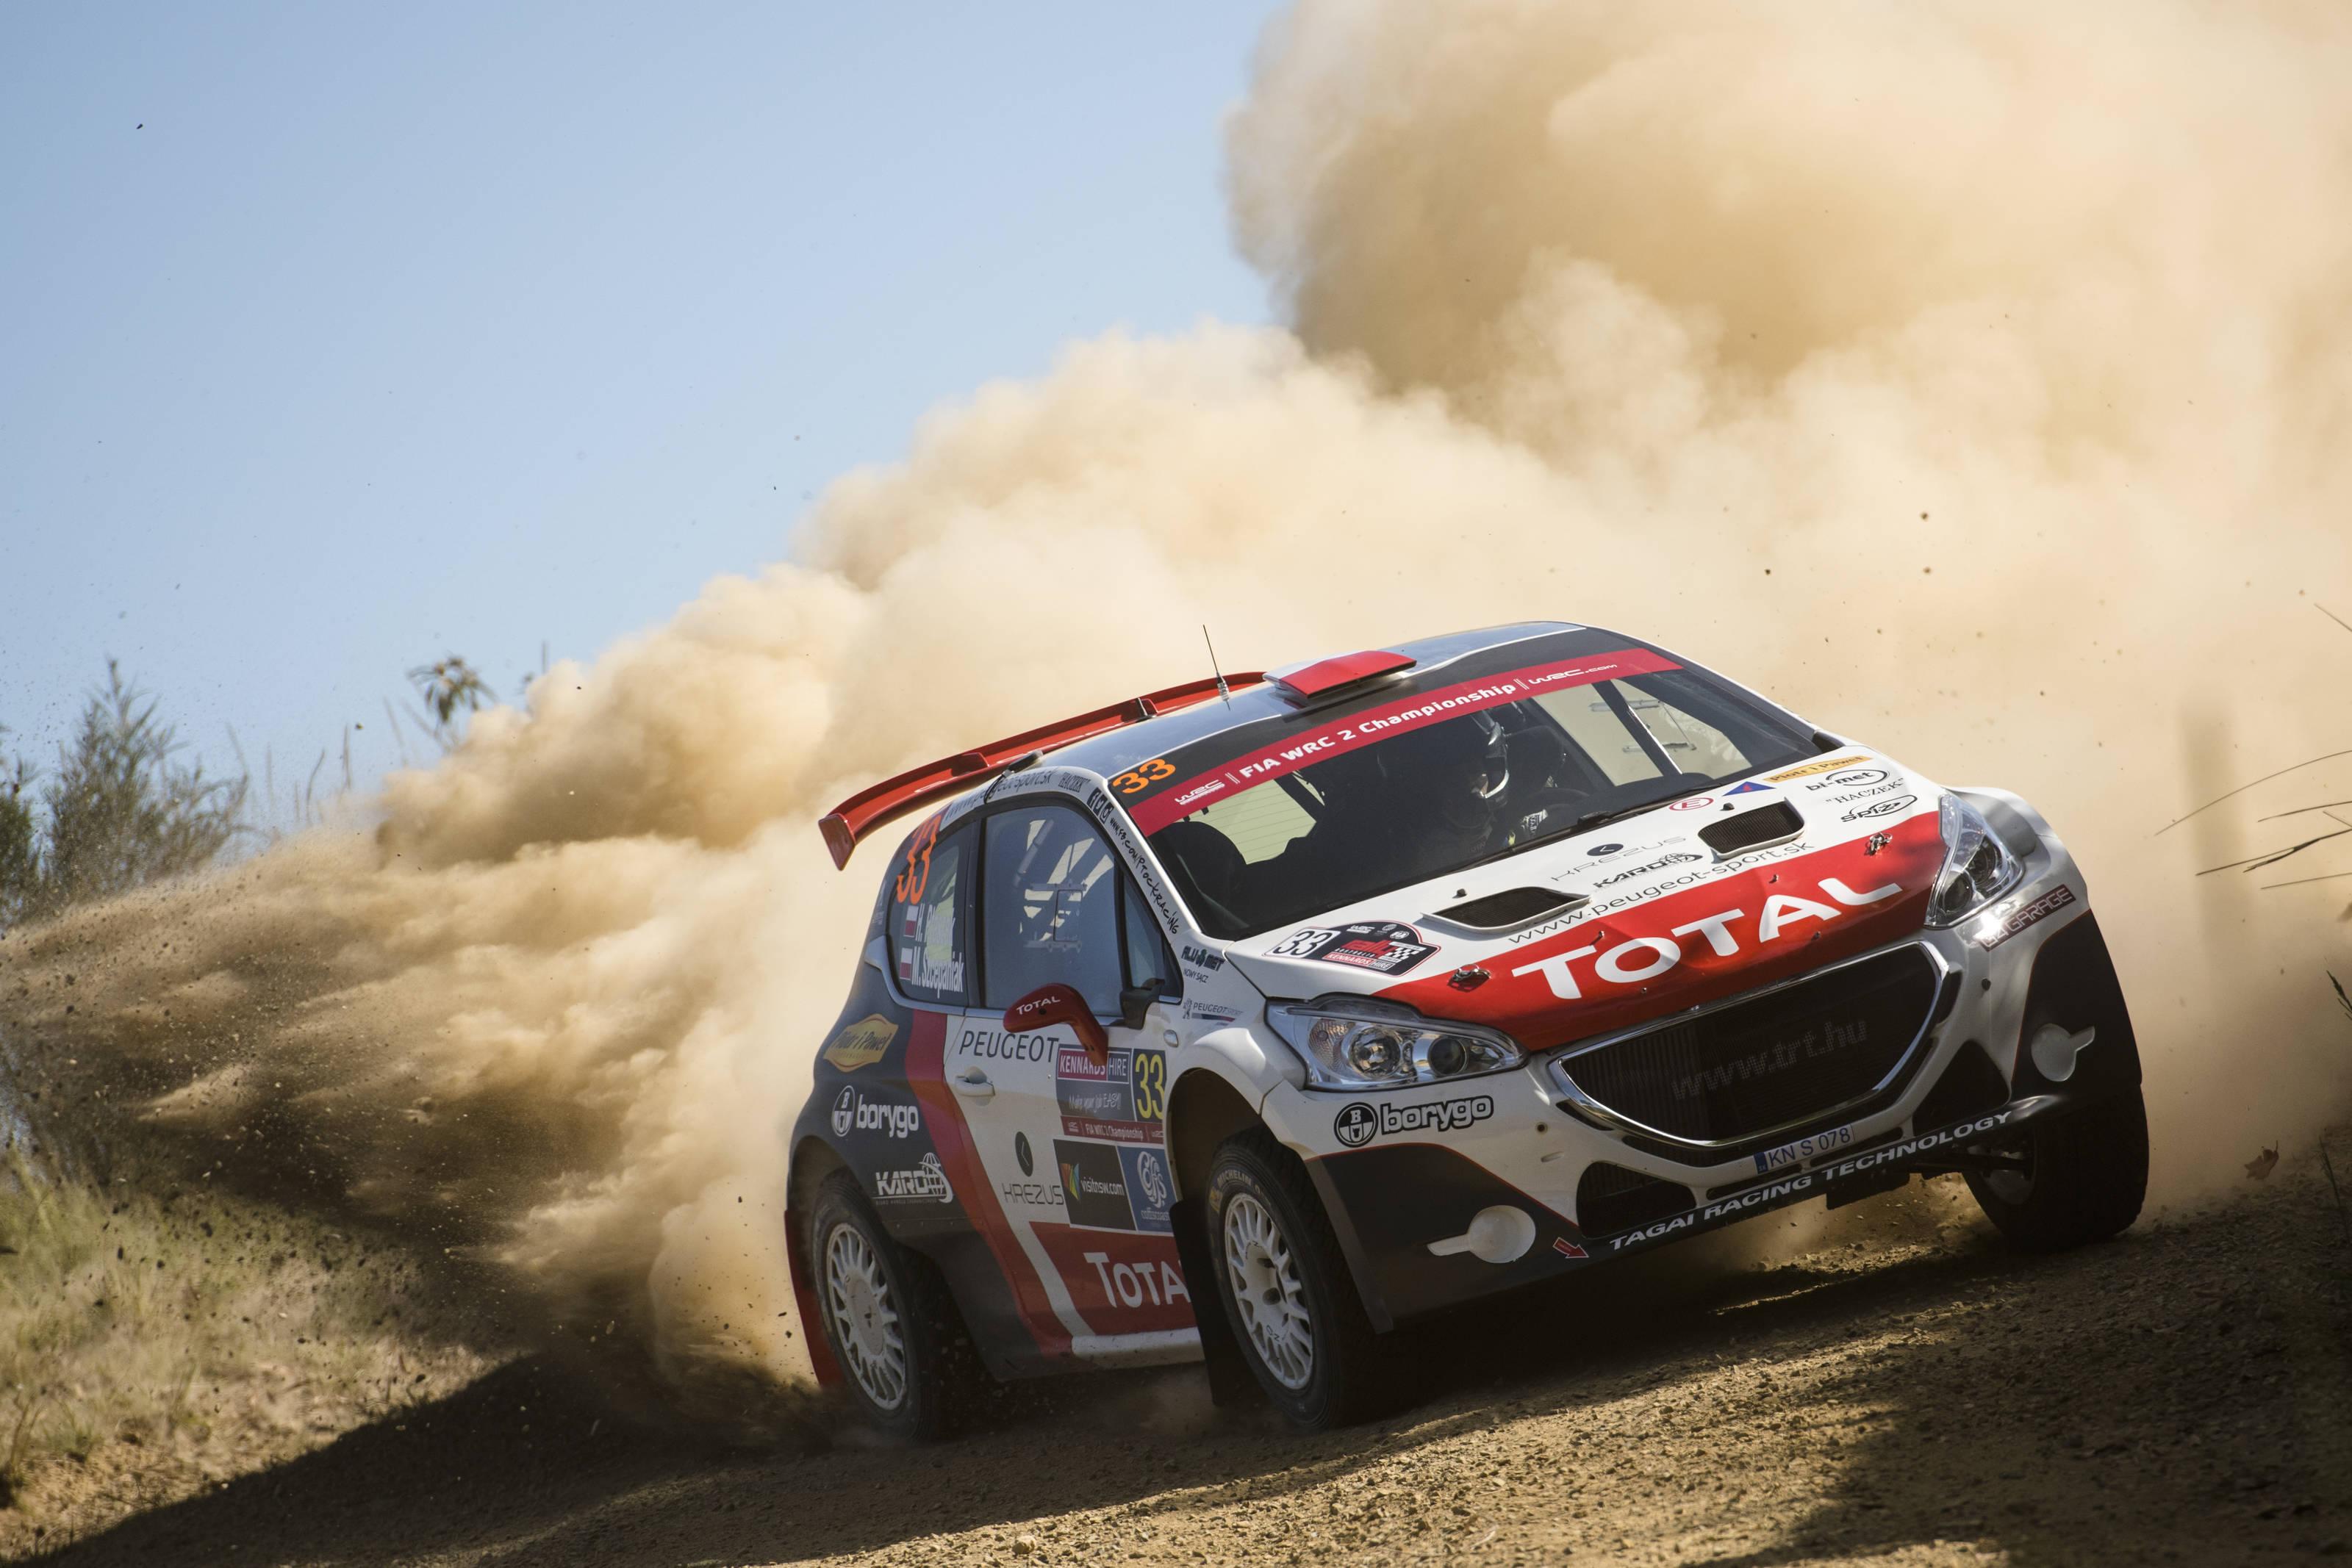 Ο Hubert Ptaszek με τον Peugeot 208 T16 R5 συμπλήρωσε το βάθρο της WRC2